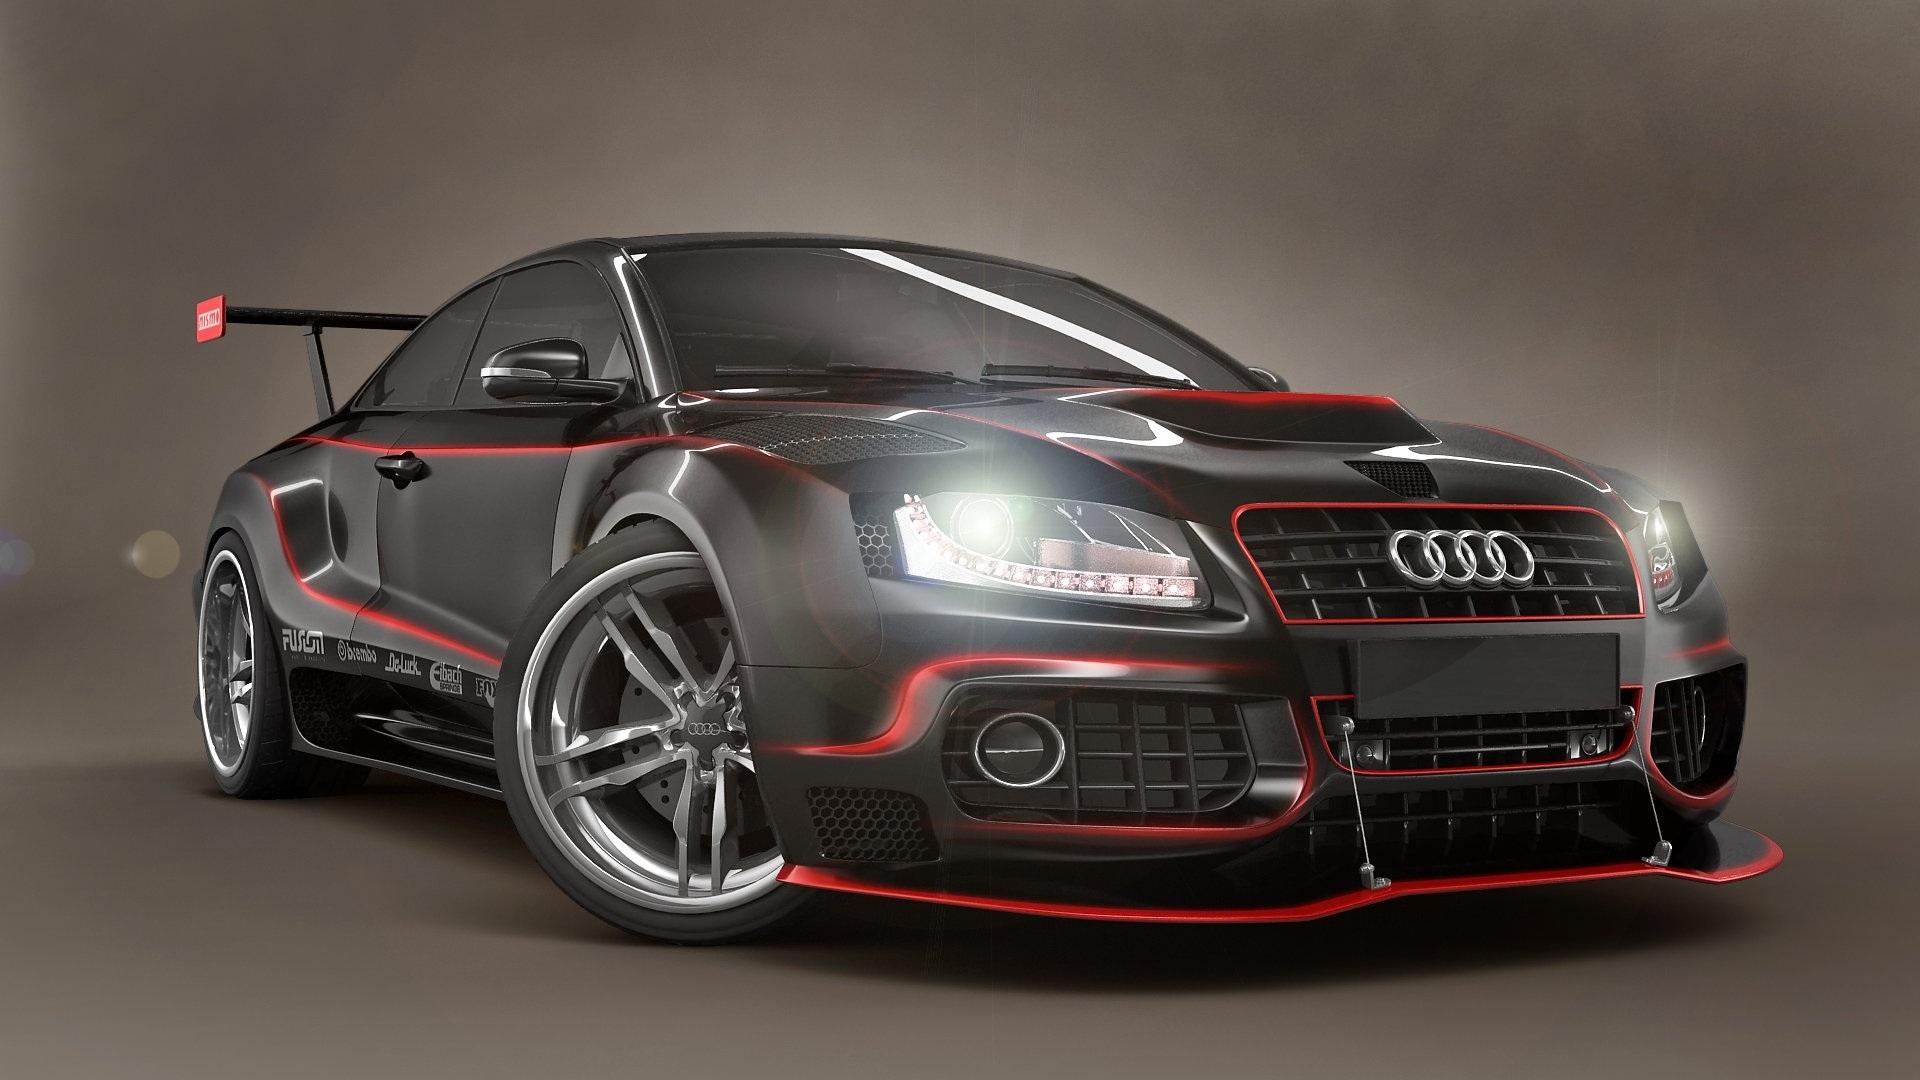 Wallpaper Audi Black Tuning Cars 1920x1080 Full Hd 2k